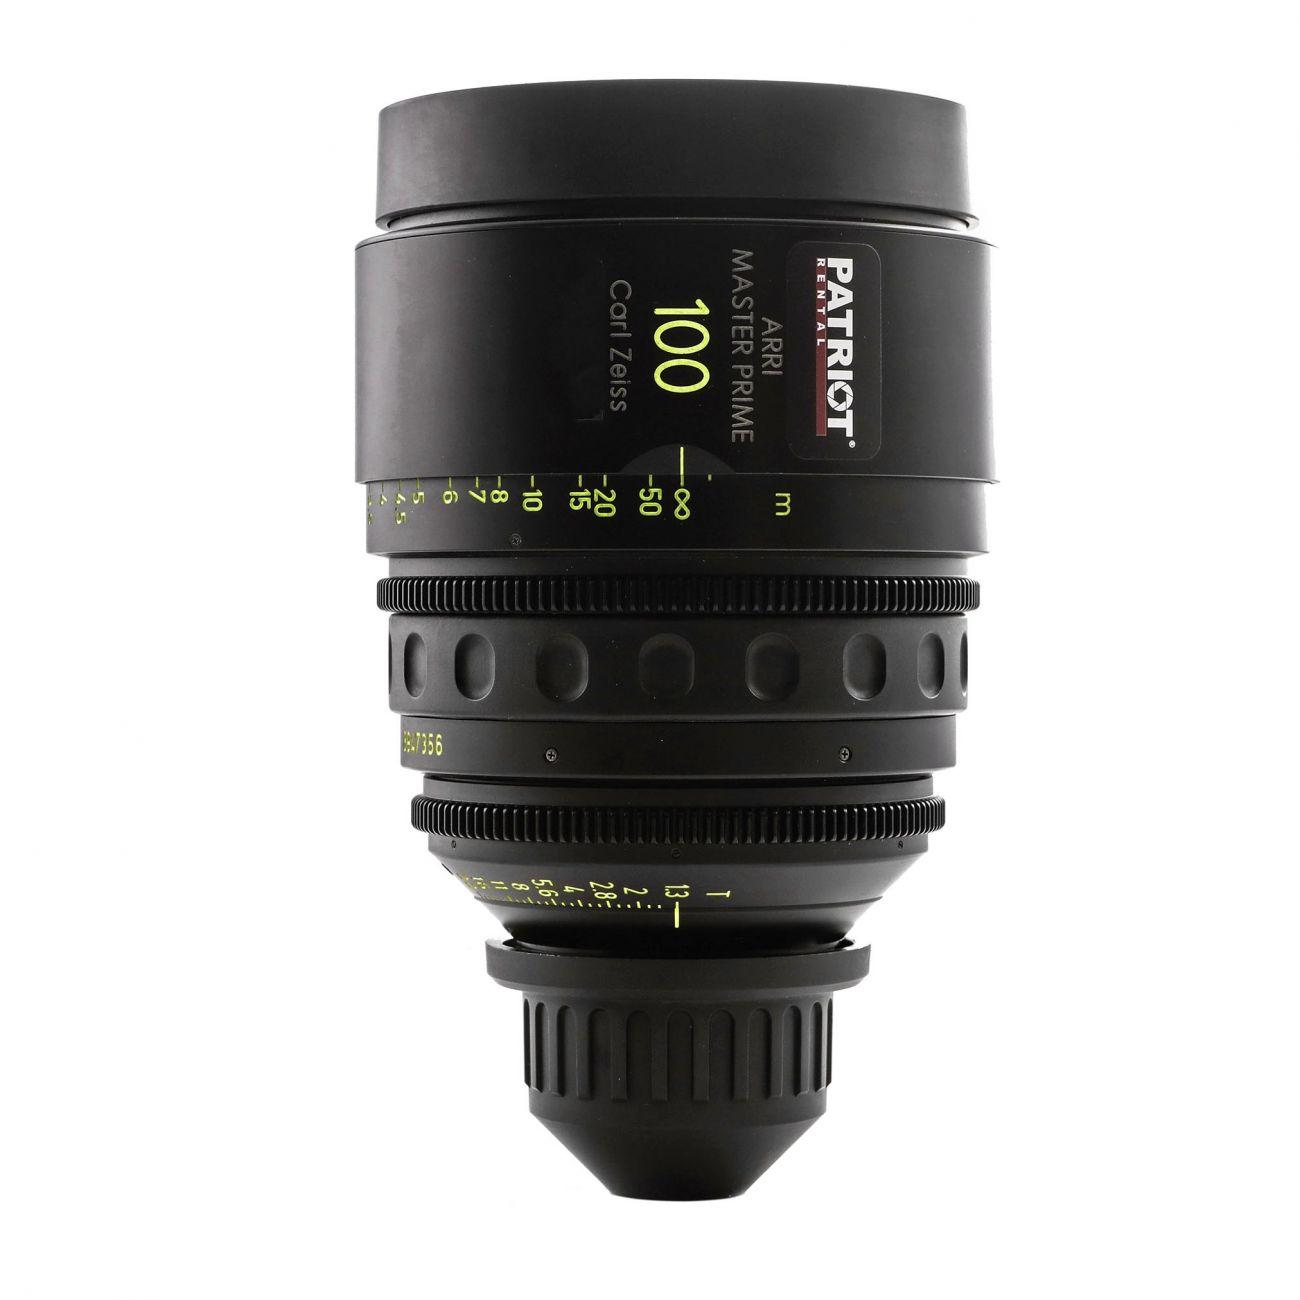 100mm ARRI MASTER PRIME Lens T1.3